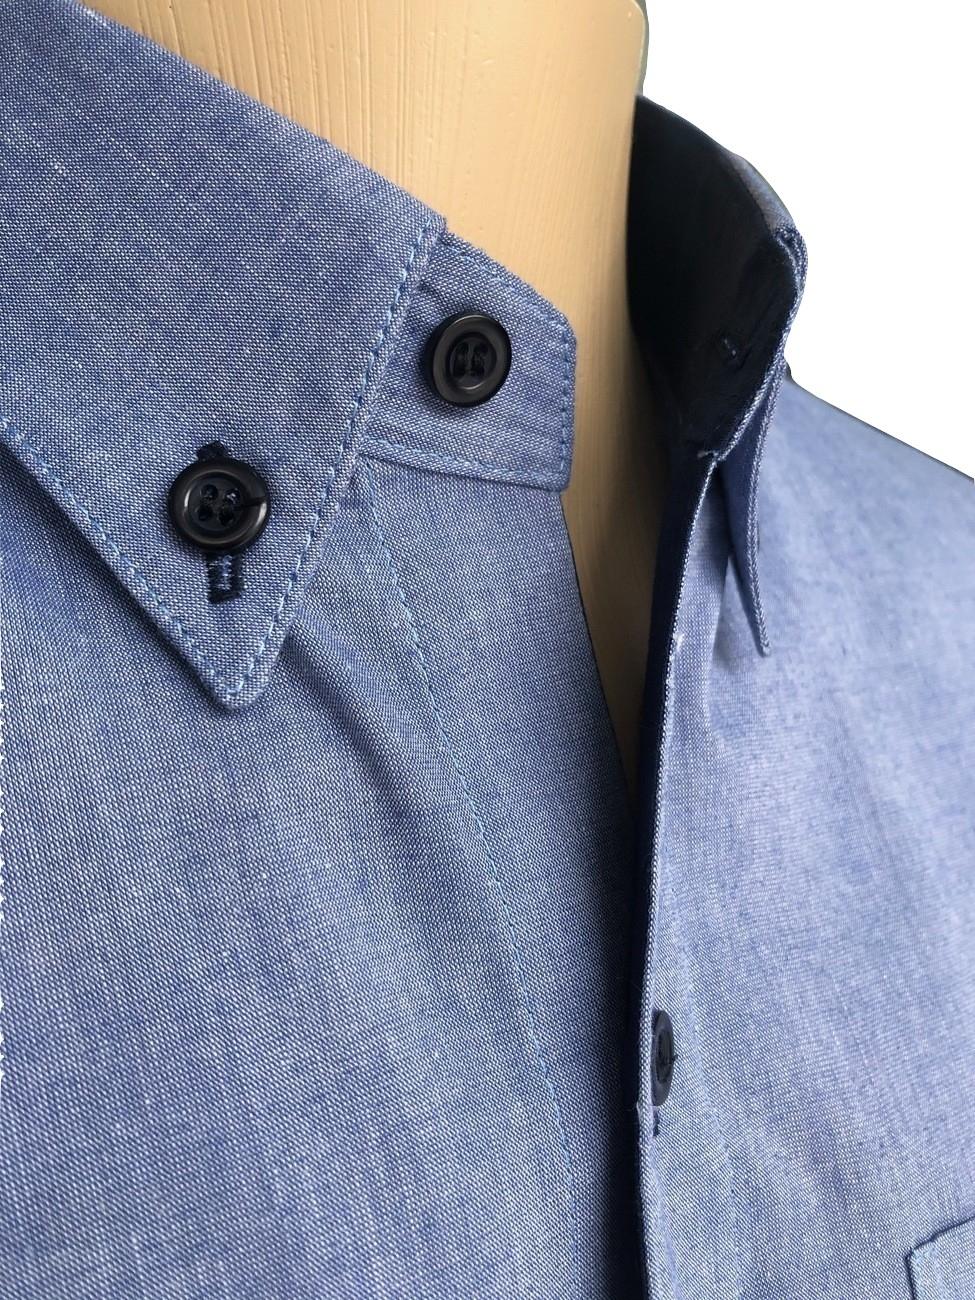 camisa az. jeans no detalhe